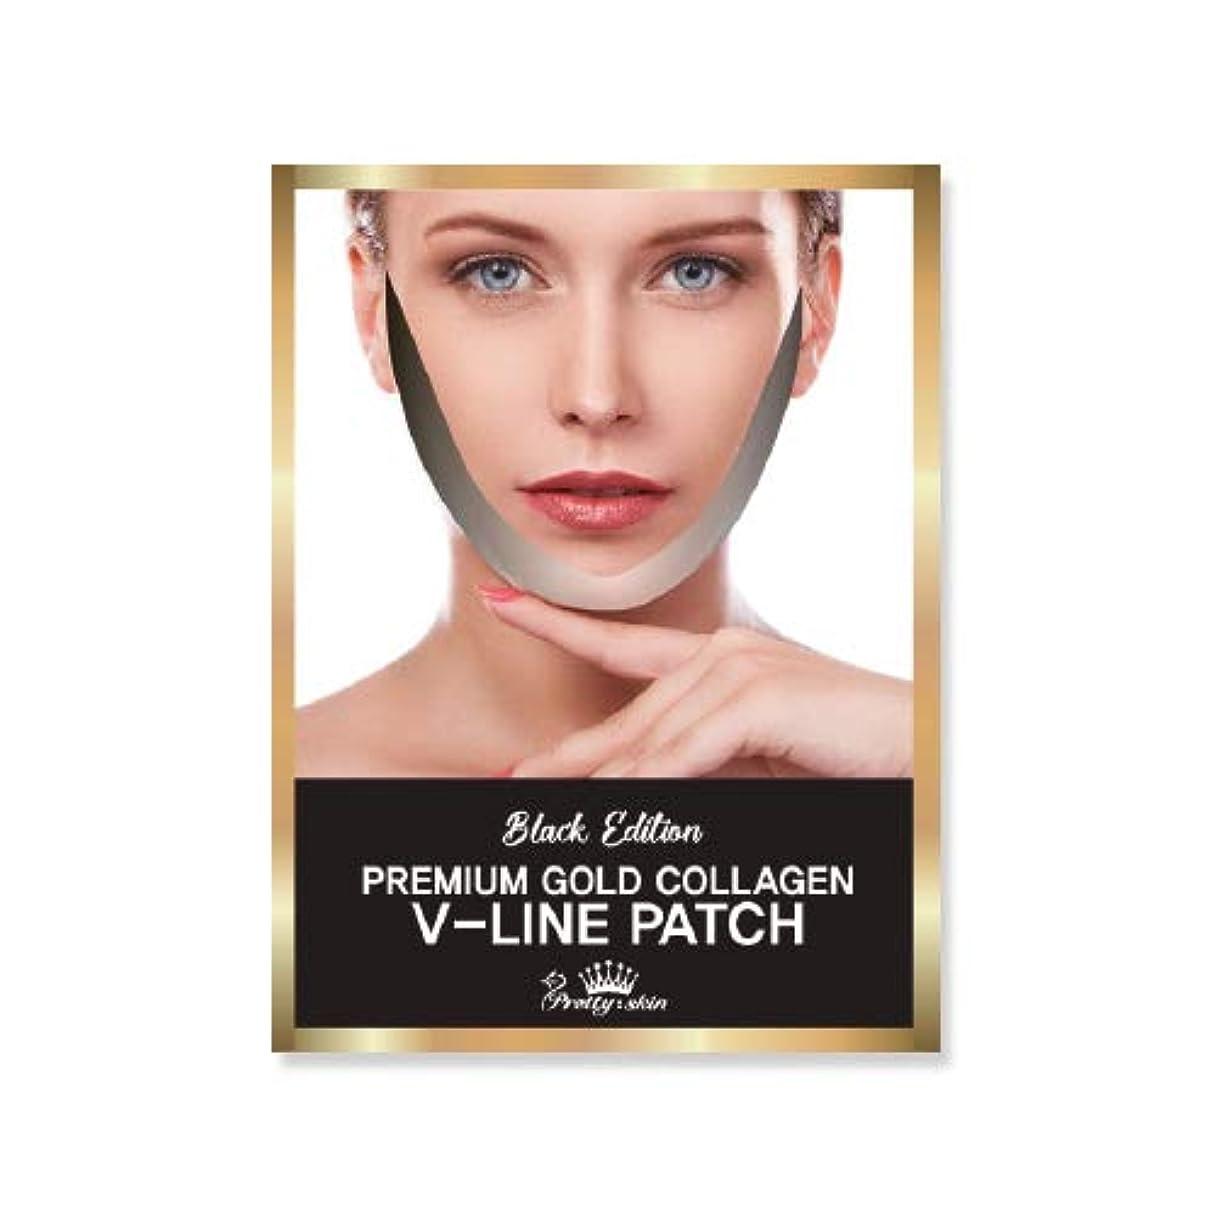 トレーダー苦しめる相互接続pretty skin プリティスキン V-LINE PATCH ブイラインパッチ リフトアップ マスク (5枚組, ブラック)